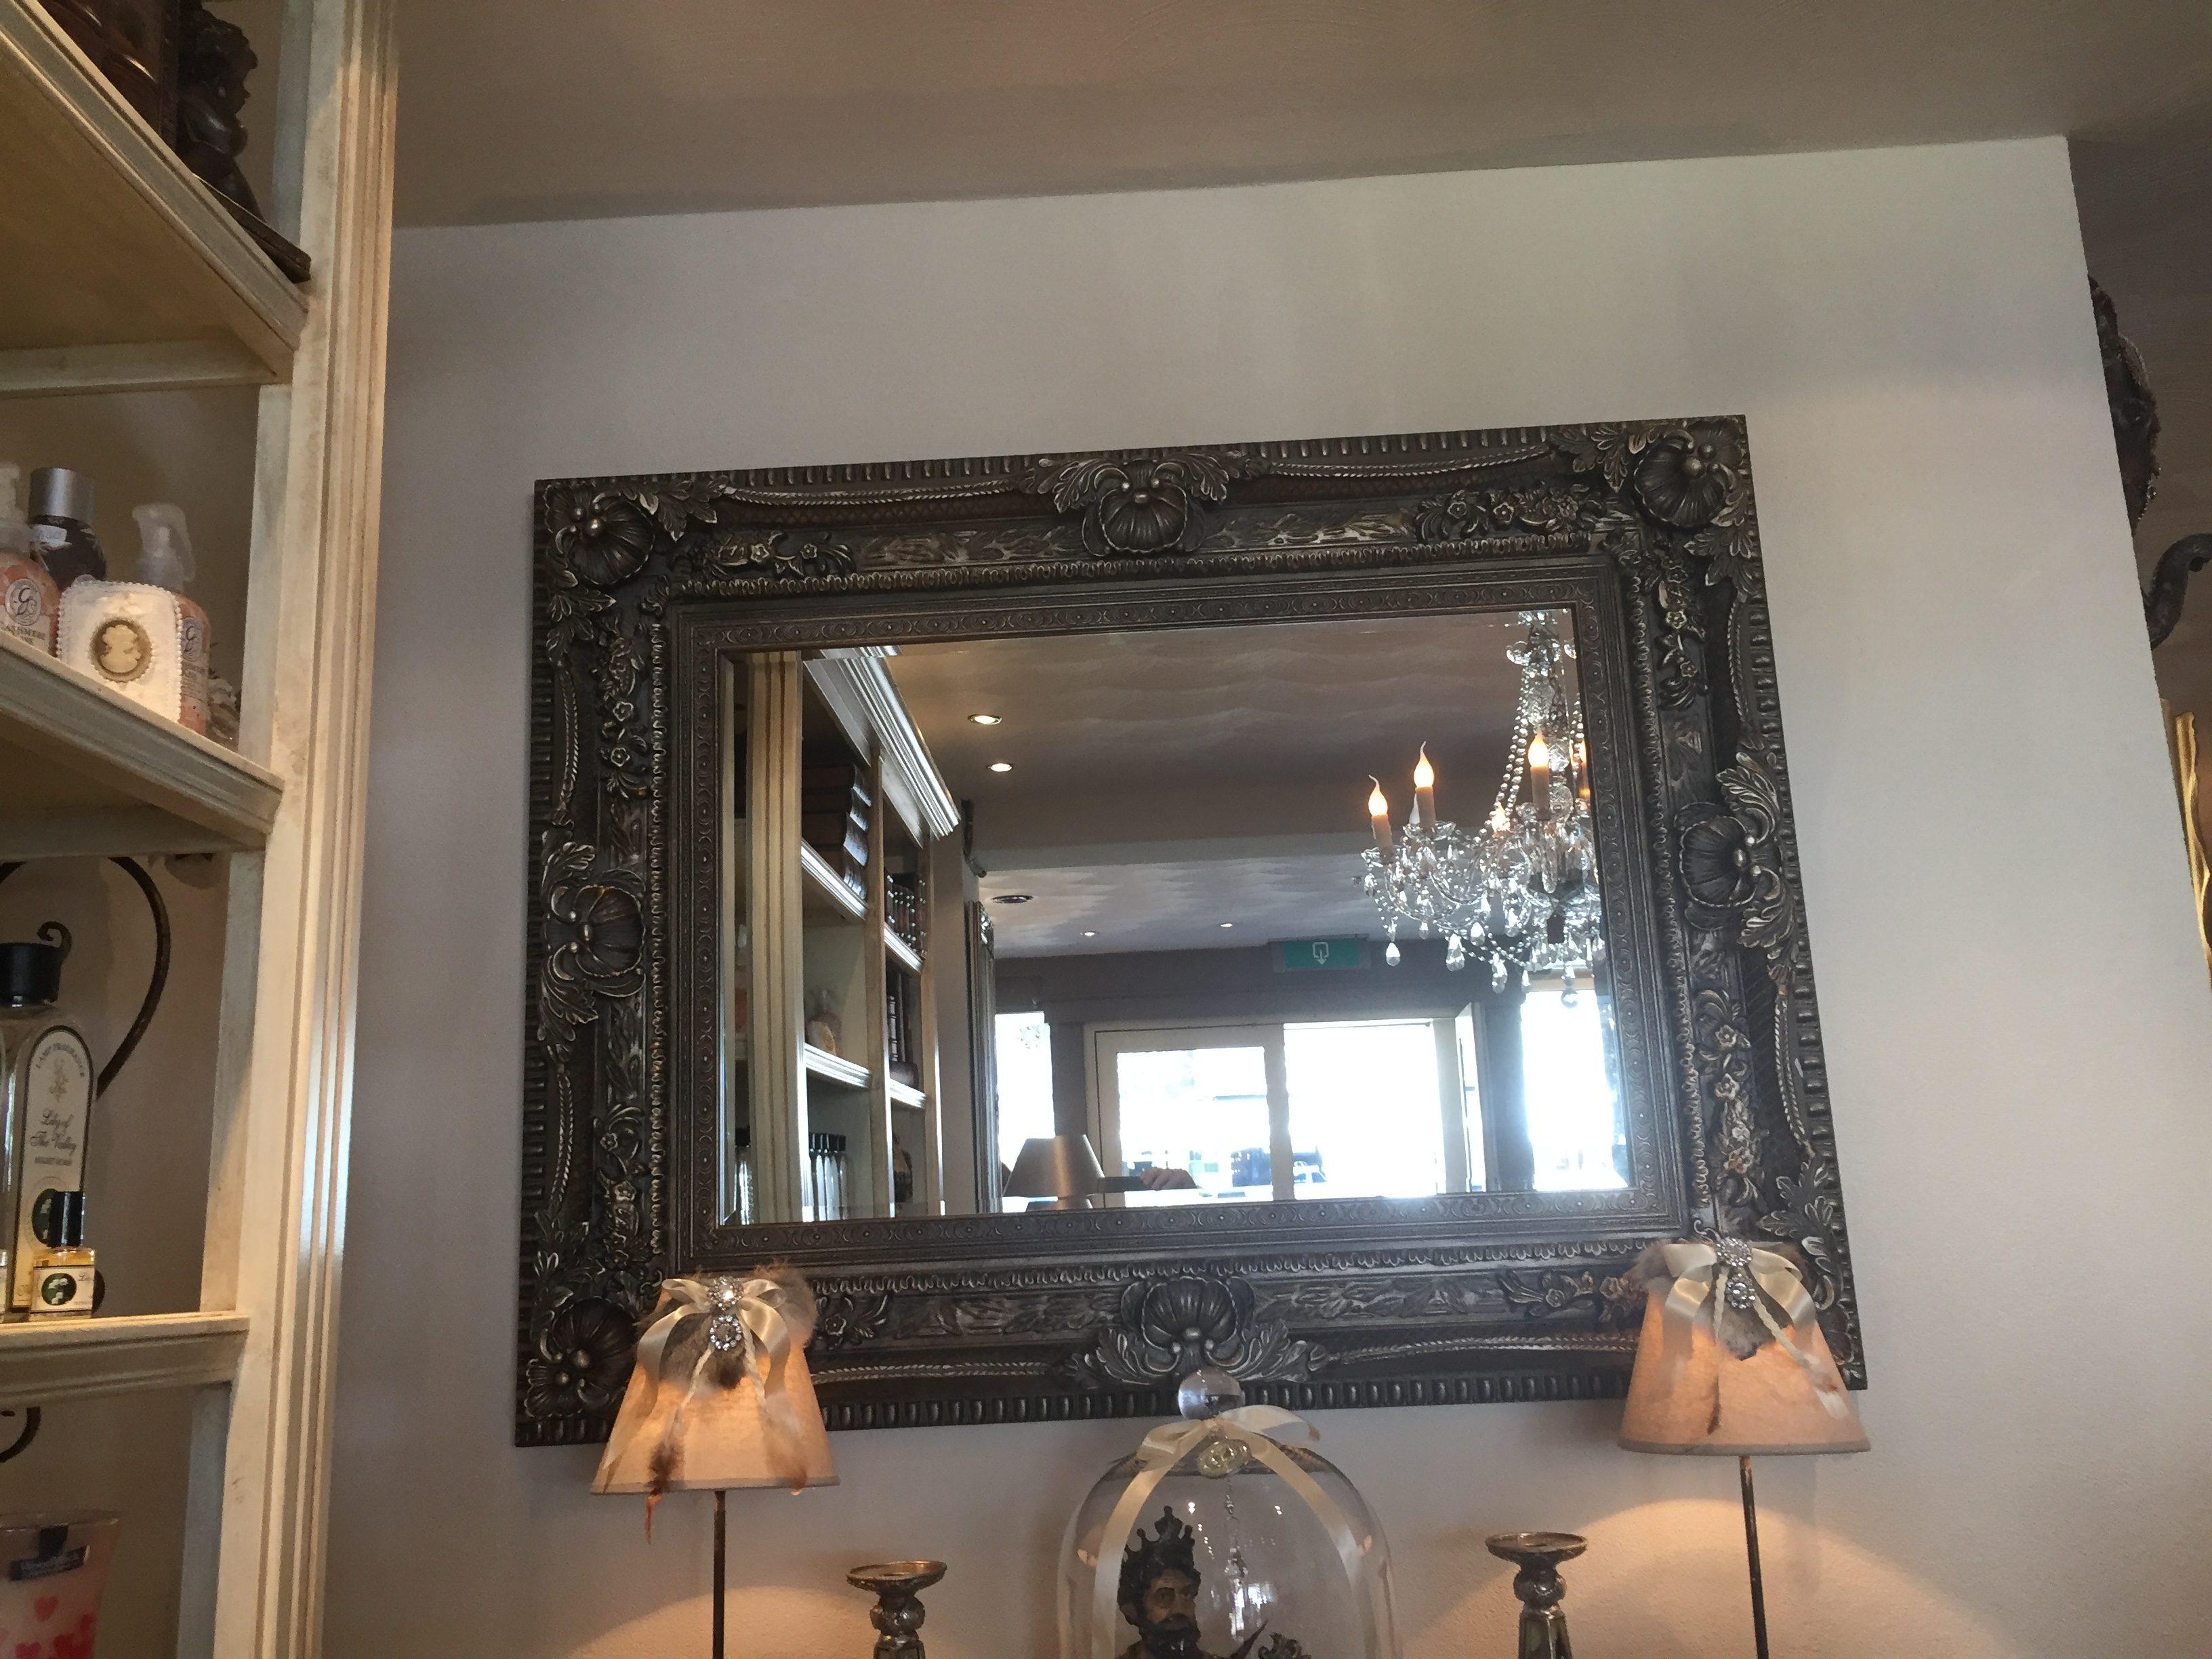 Barok Spiegel Wit : Witte barok spiegel: grote witte oosterse spiegel met open